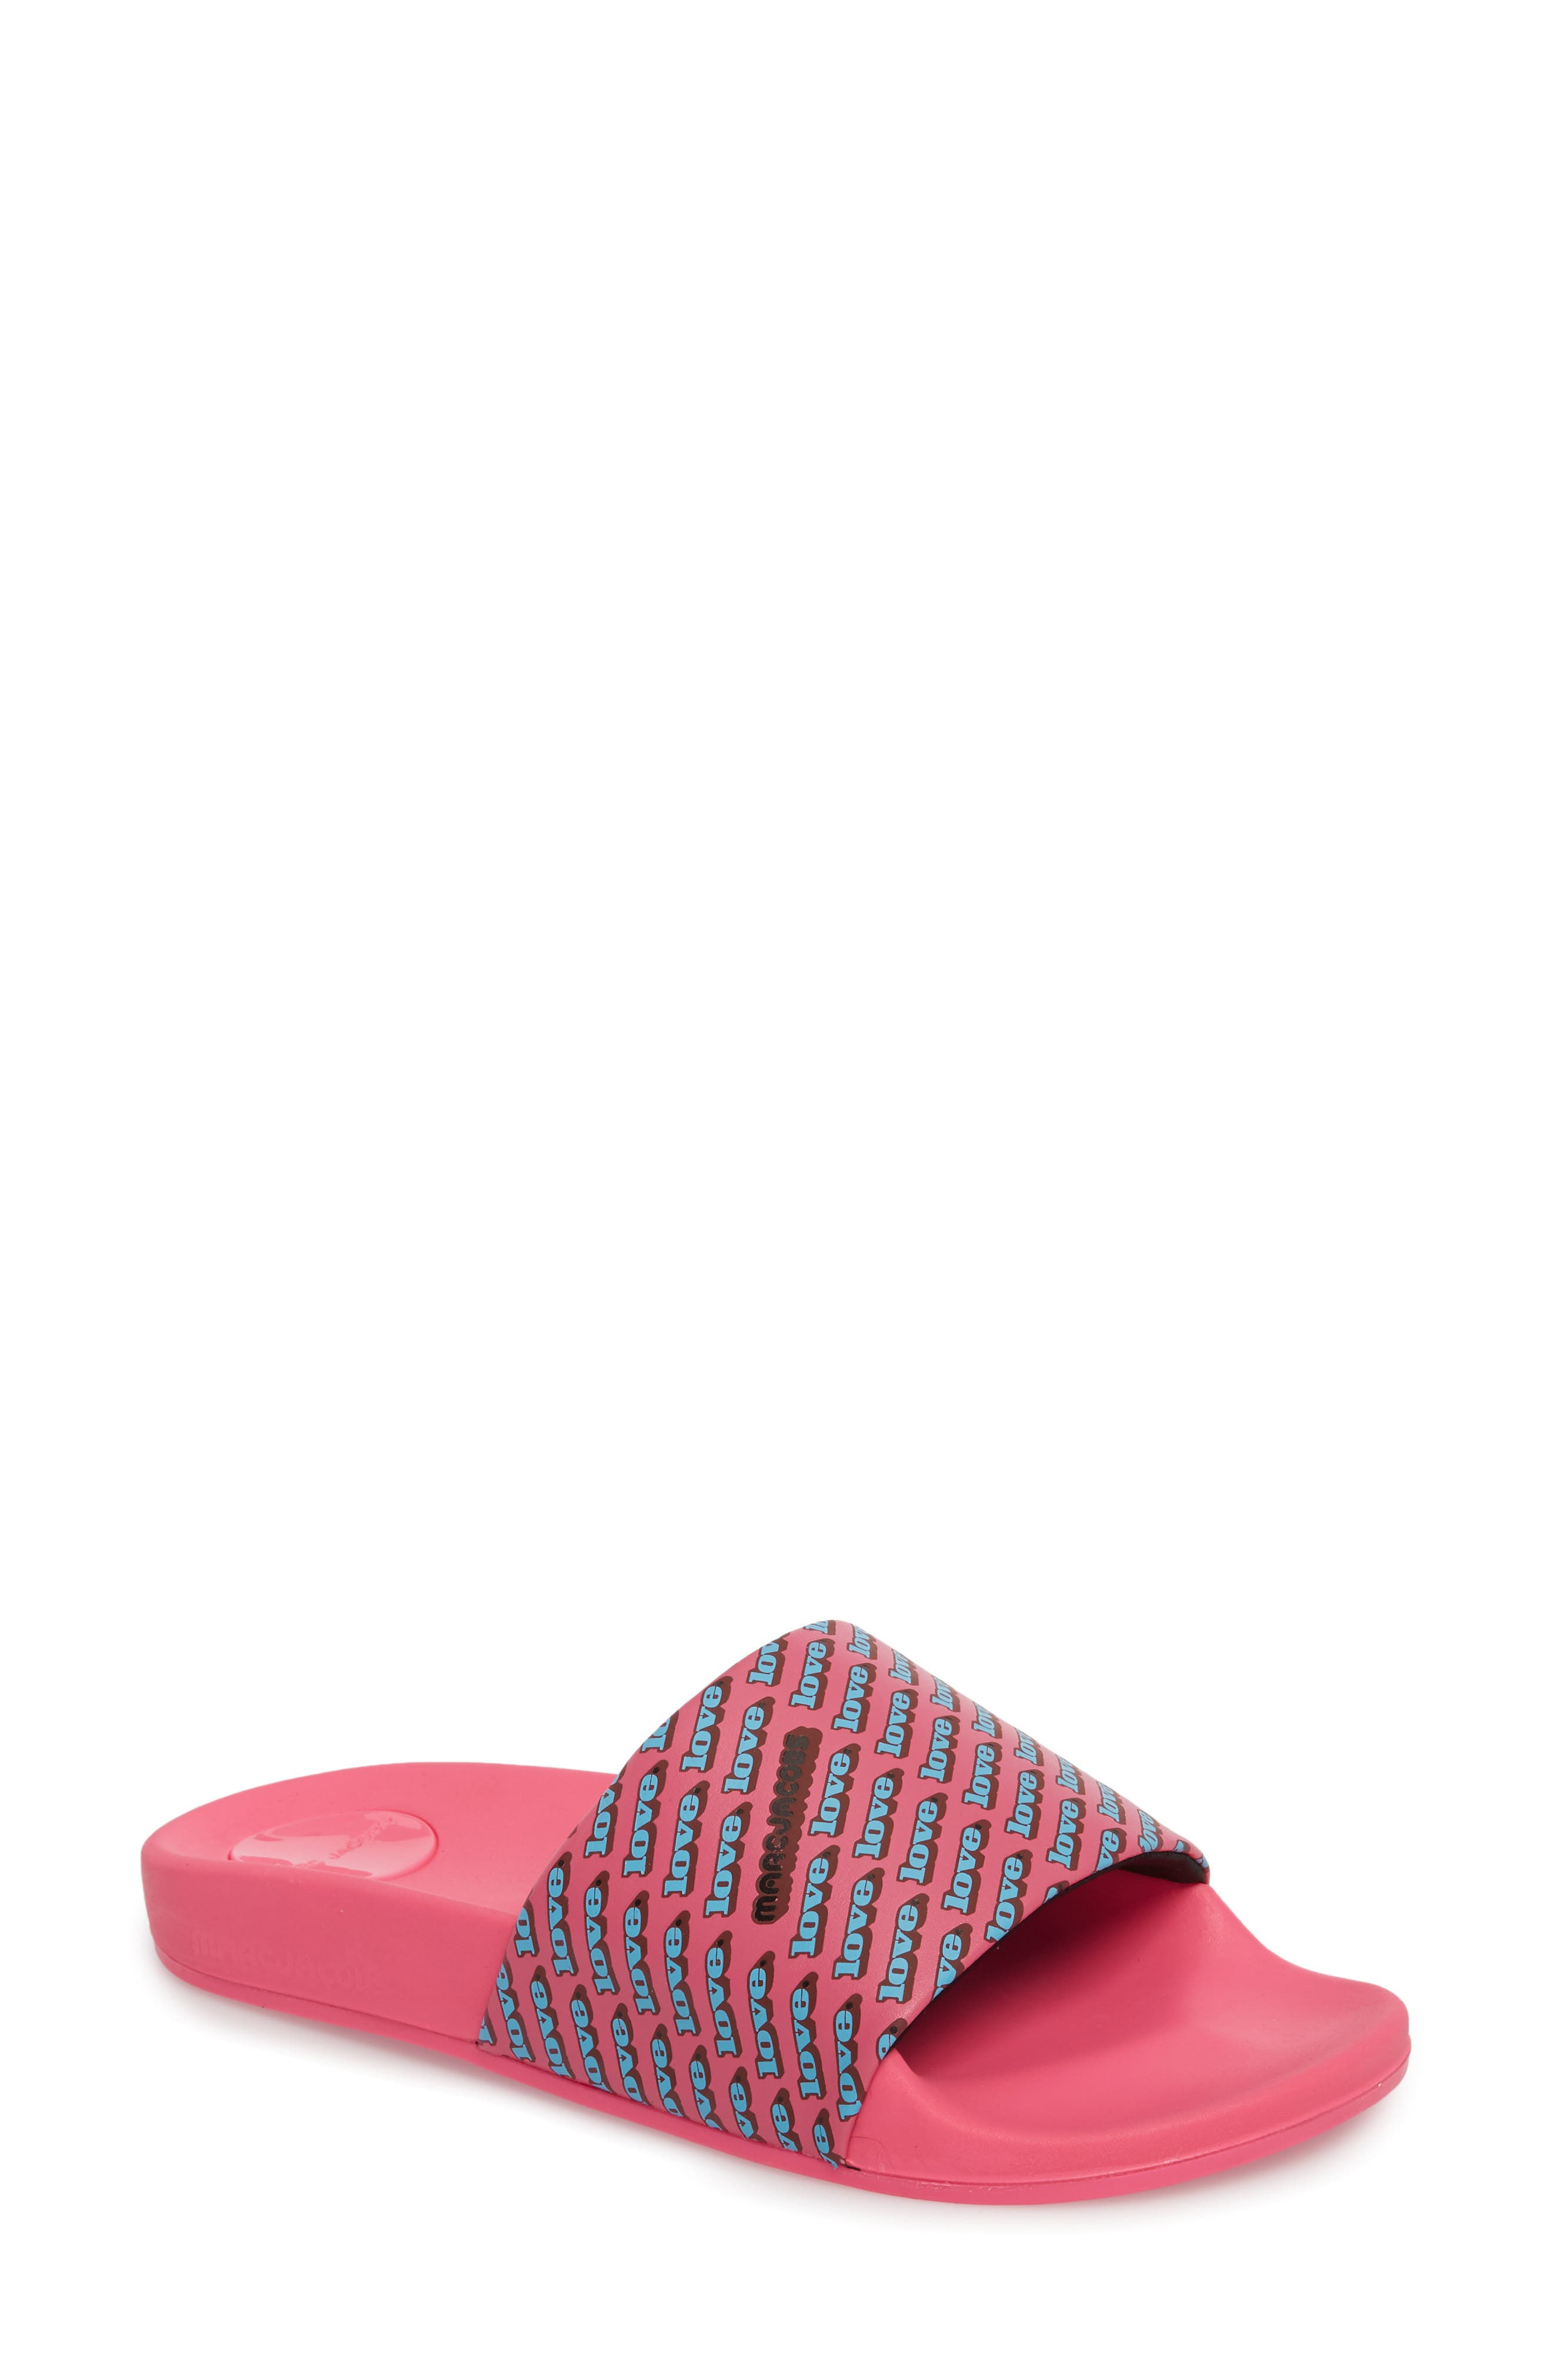 MARC JACOBS Love Slide Sandal (Women)